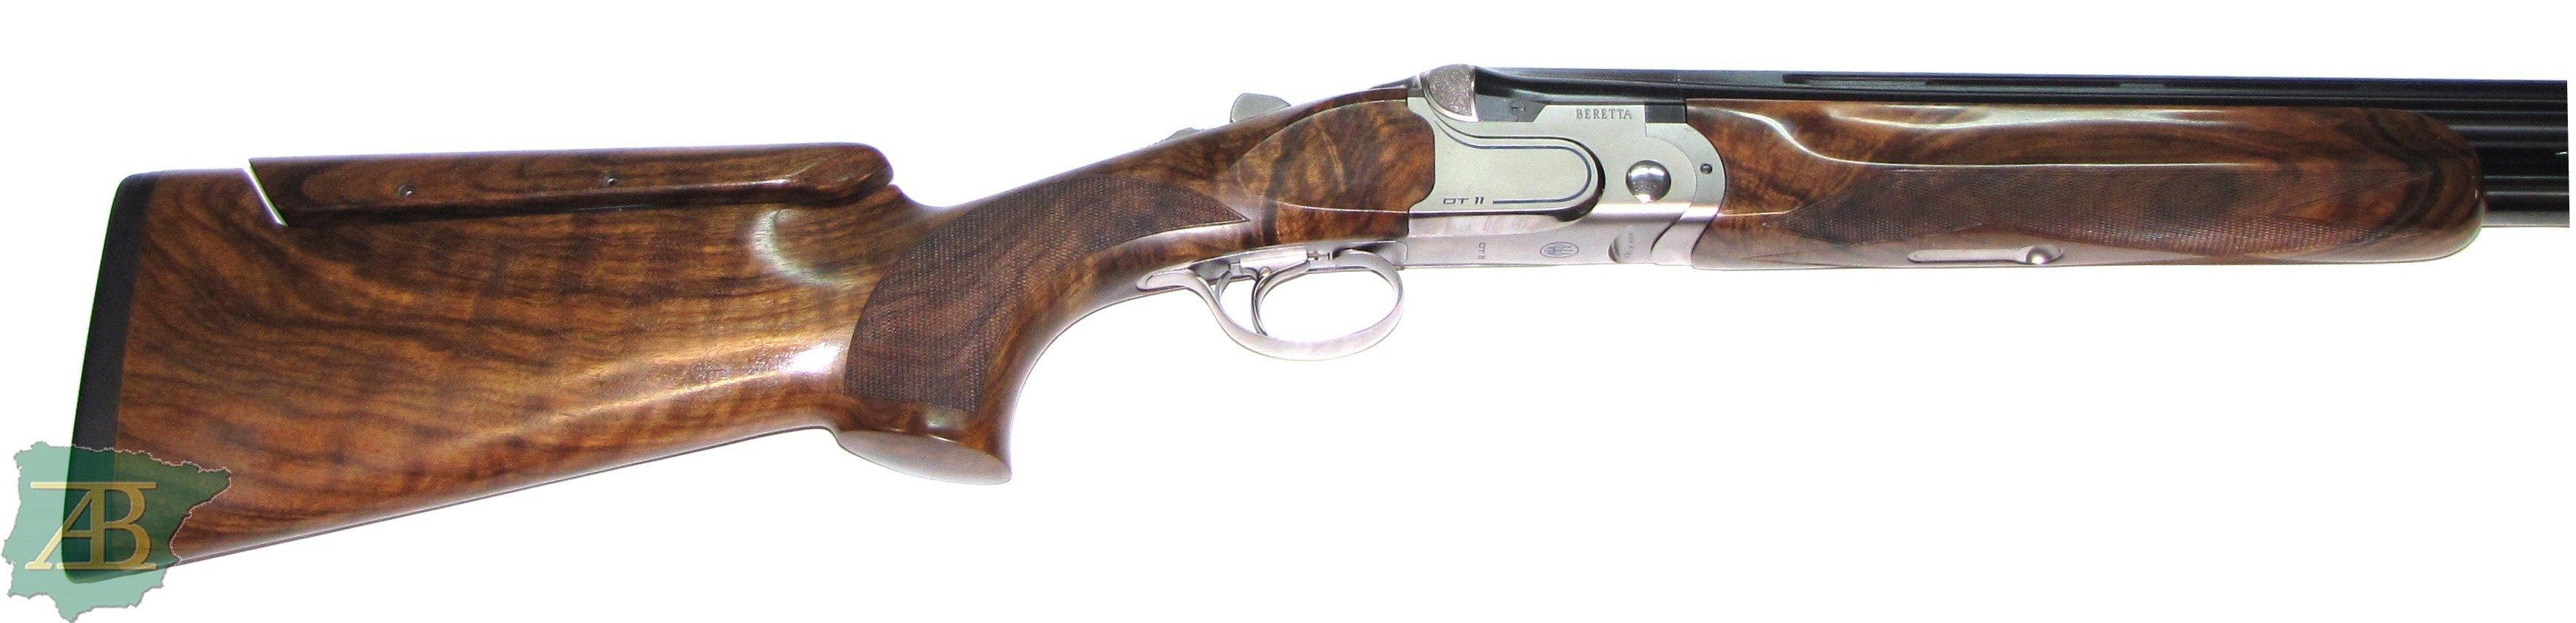 Escopeta superpuesta de TRAP BERETTA DT 11 Ref REP2019-638-armeriaiberica-2